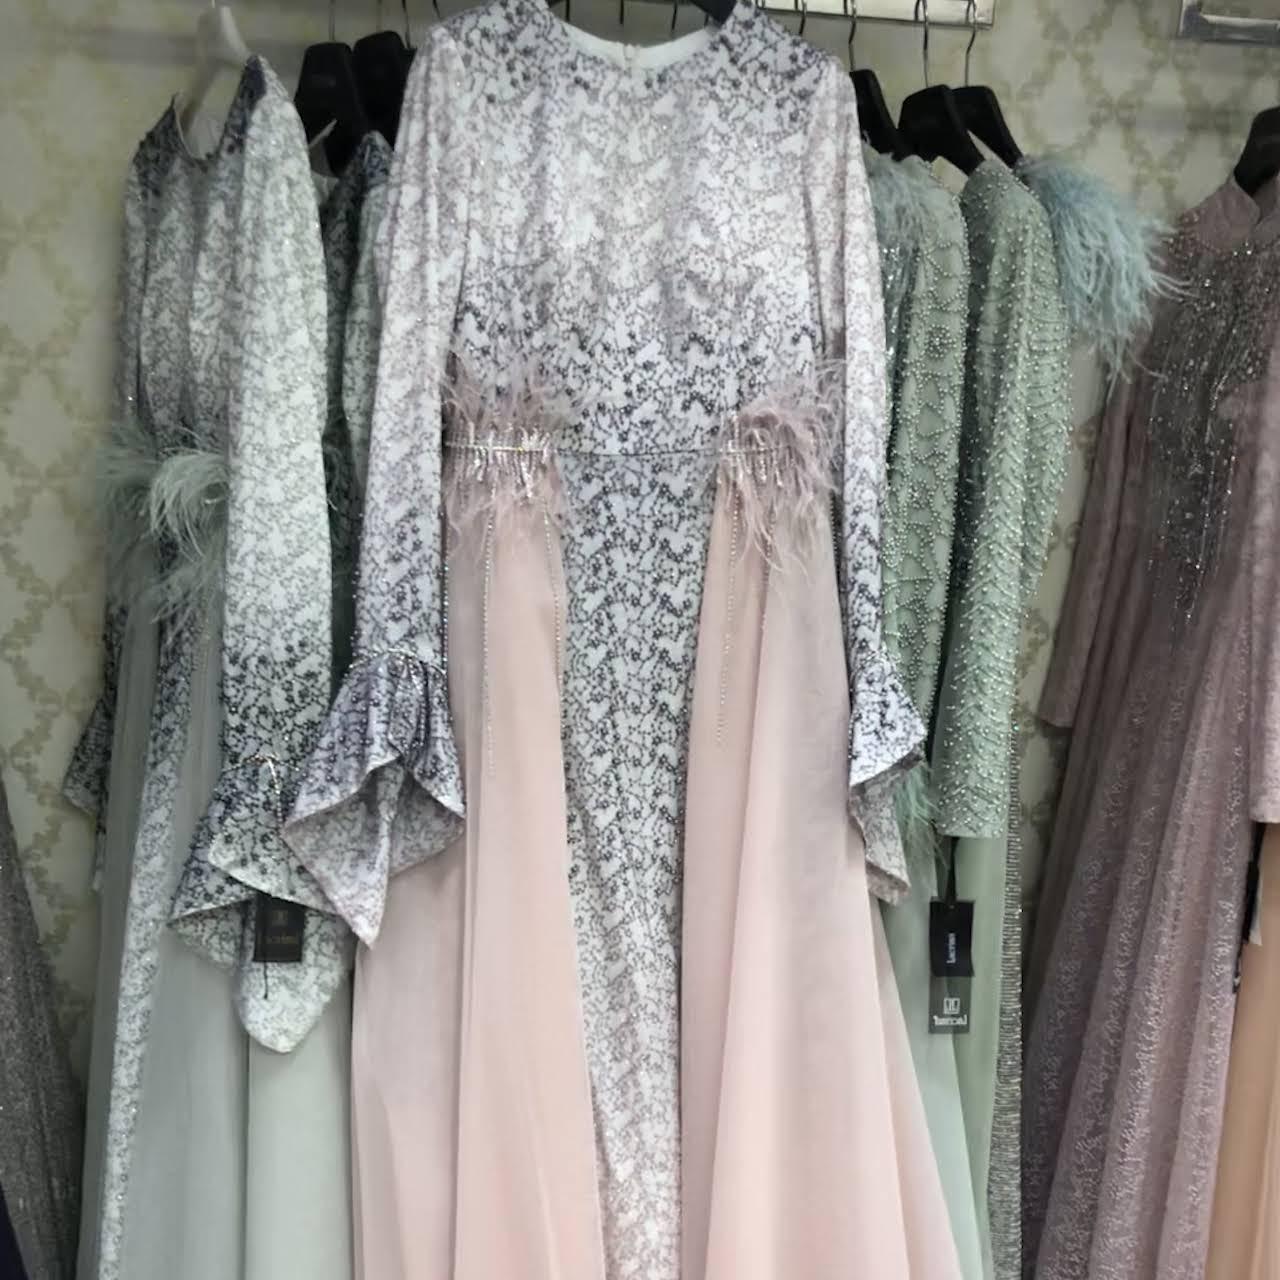 ffc95084e9b0c Taksim Mağazaları - Giyim Mağazası